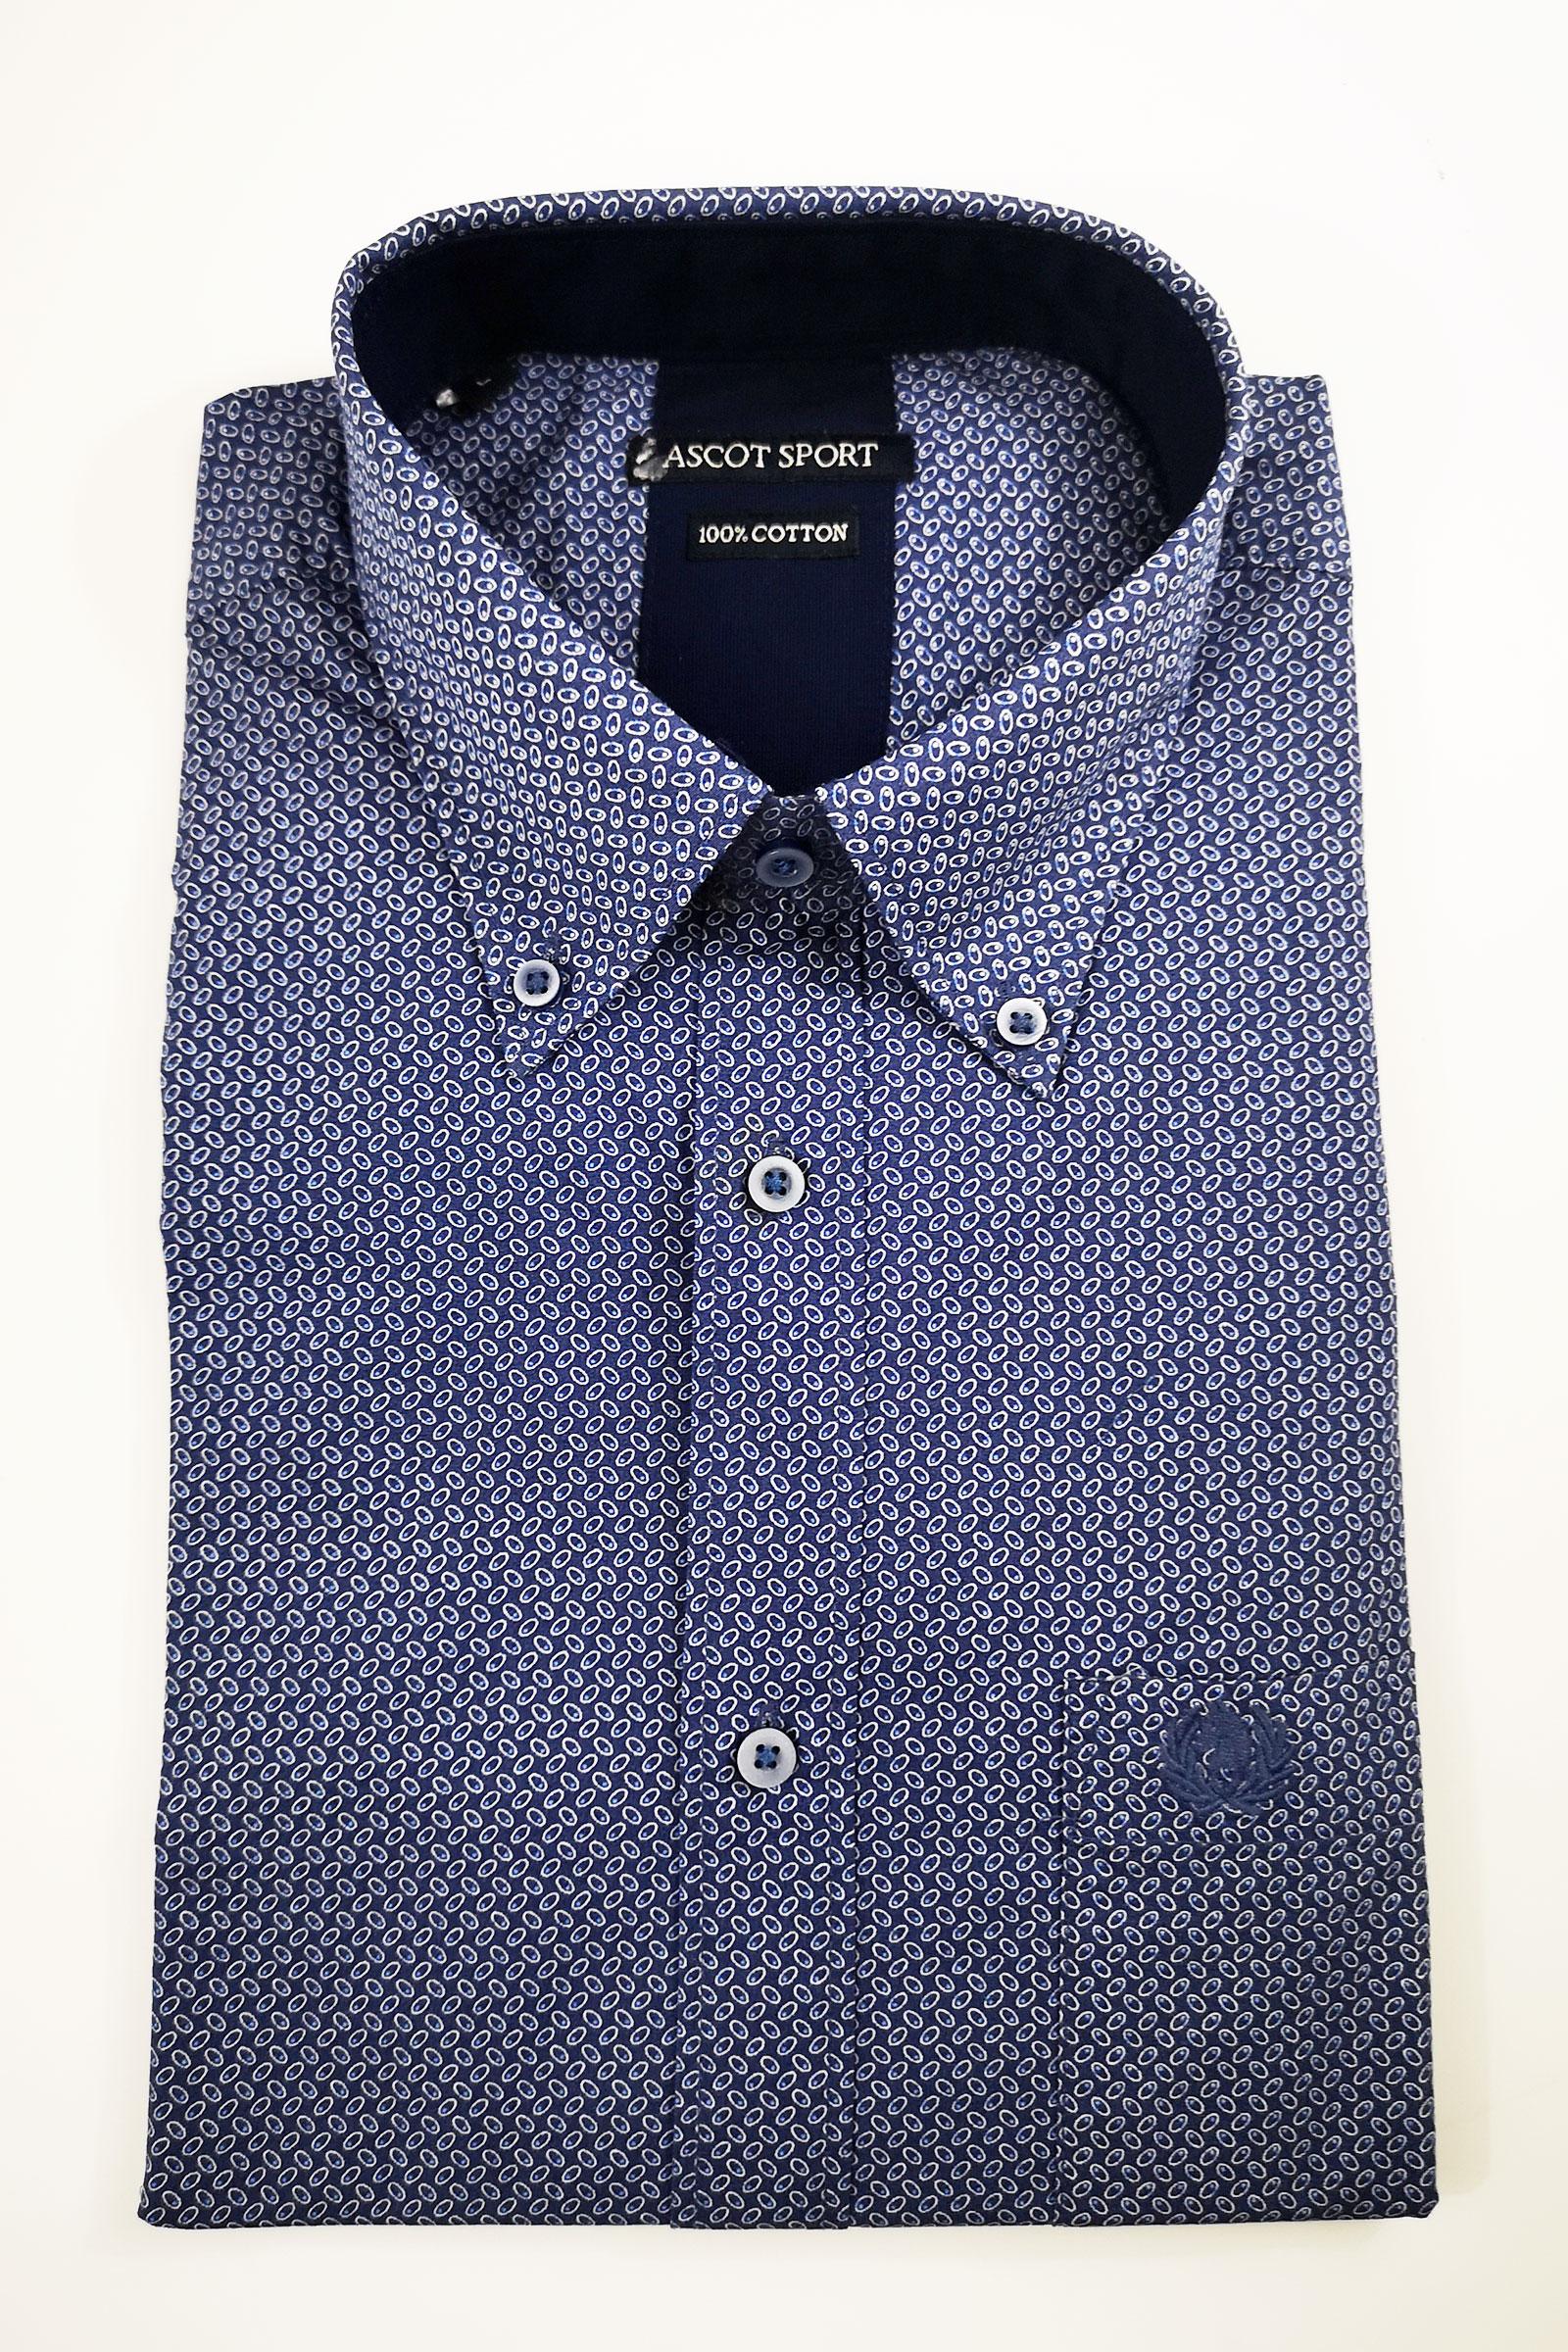 ASCOT Men's Shirt ASCOT   Shirt   15869-20403